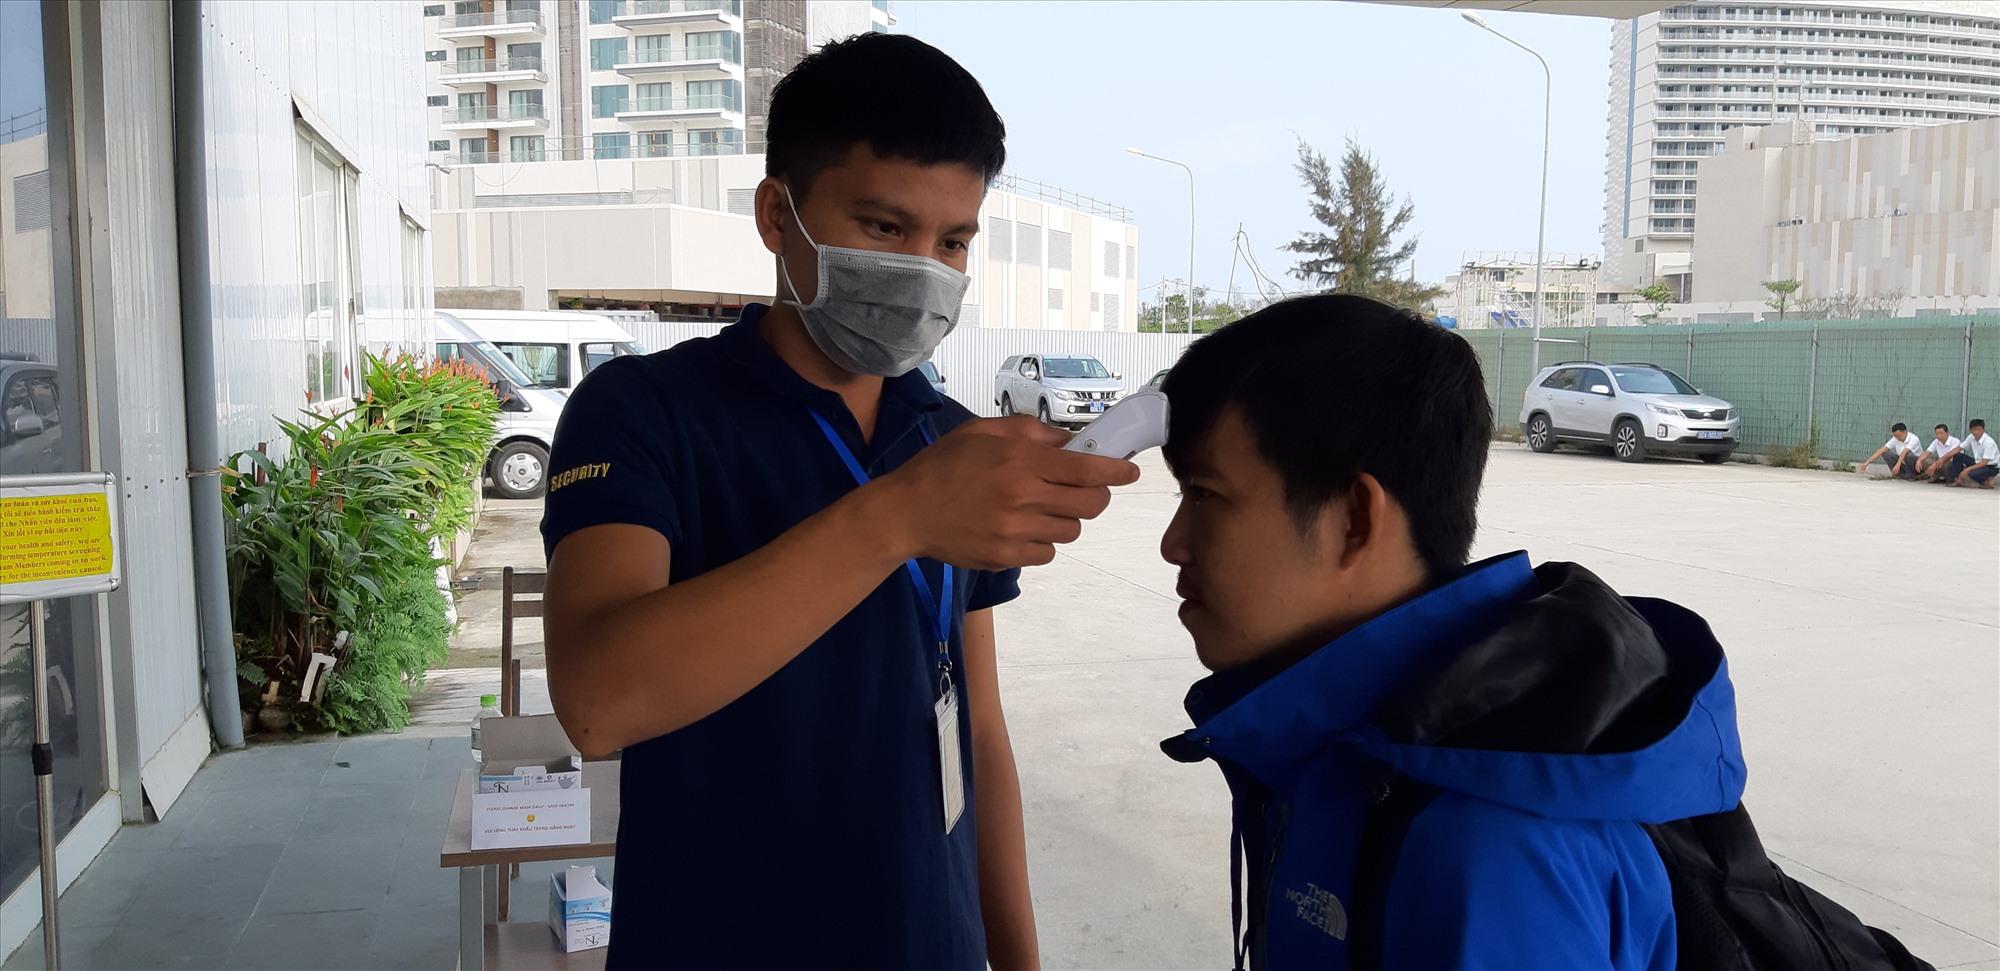 Công ty TNHH Phát triển Nam Hội An tổ chức đo thân nhiệt thường xuyên đối với tất cả những người vào khu vực công trường.      Ảnh: HOÀI NHI